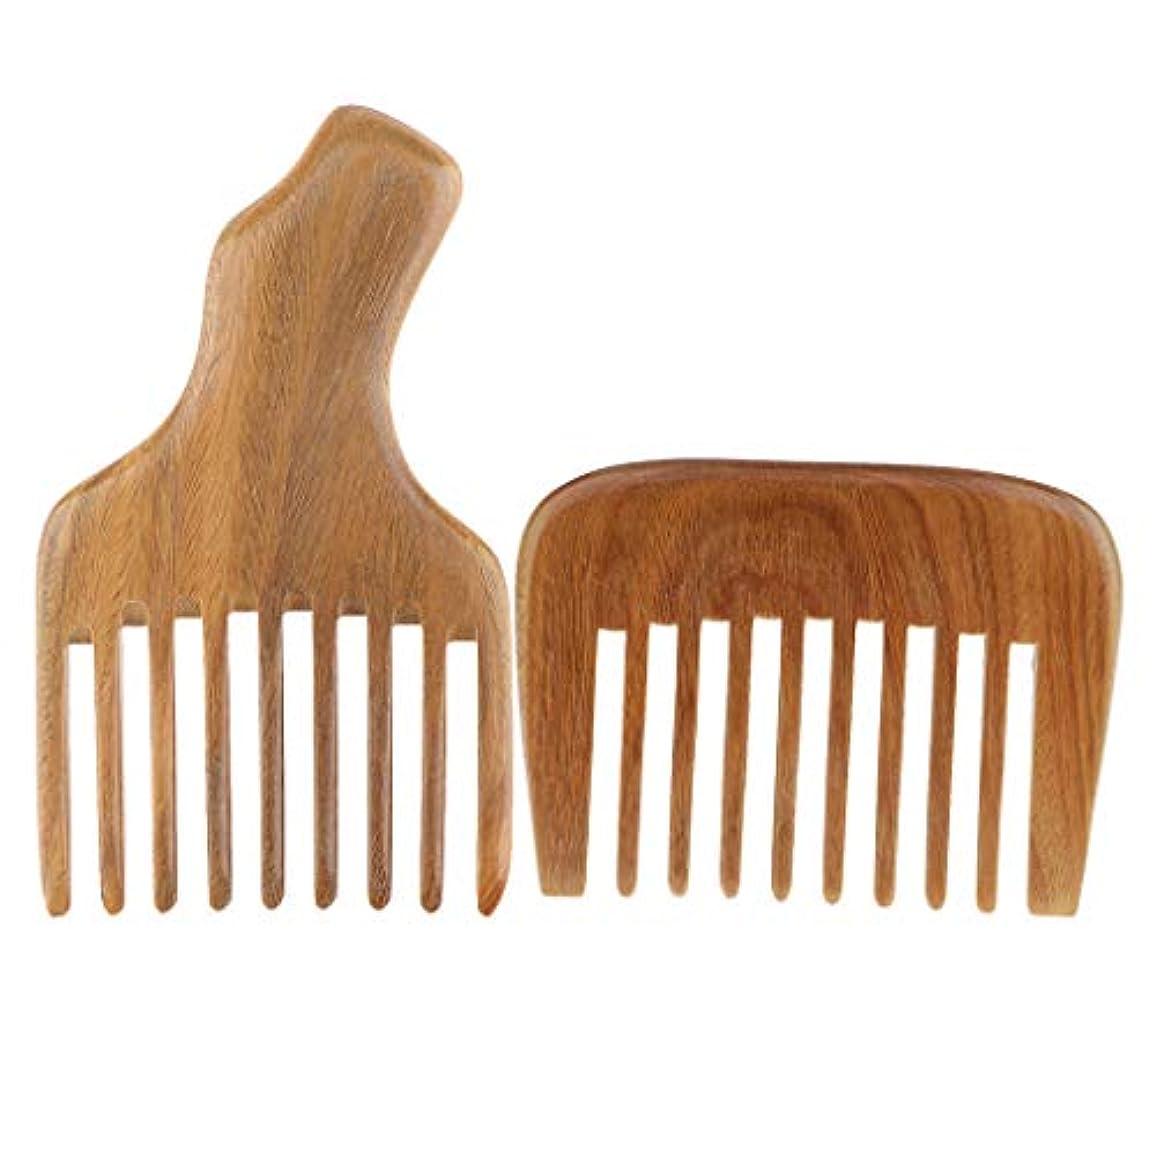 実証する各厚くするDYNWAVE ウッドコーム 天然木の櫛セット 髪のマッサージの櫛 2個セット